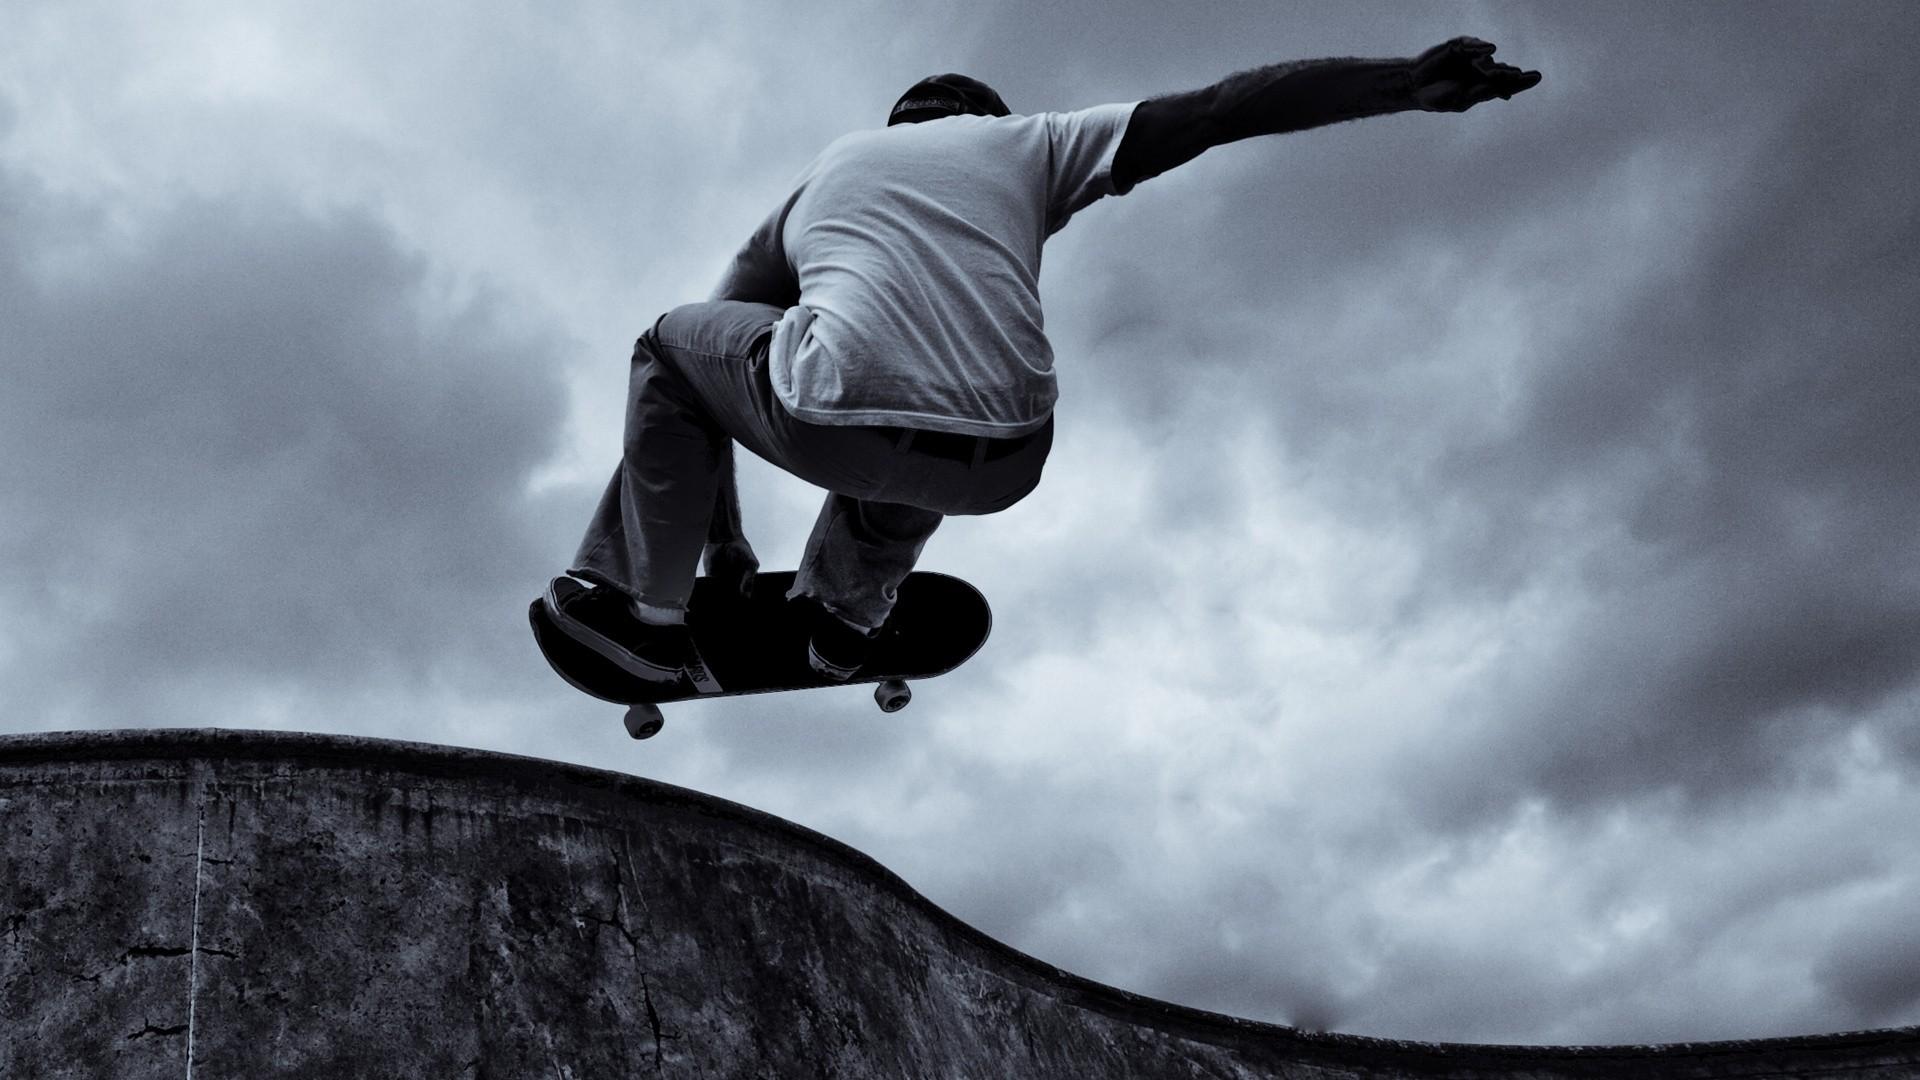 Skateboard computer wallpaper